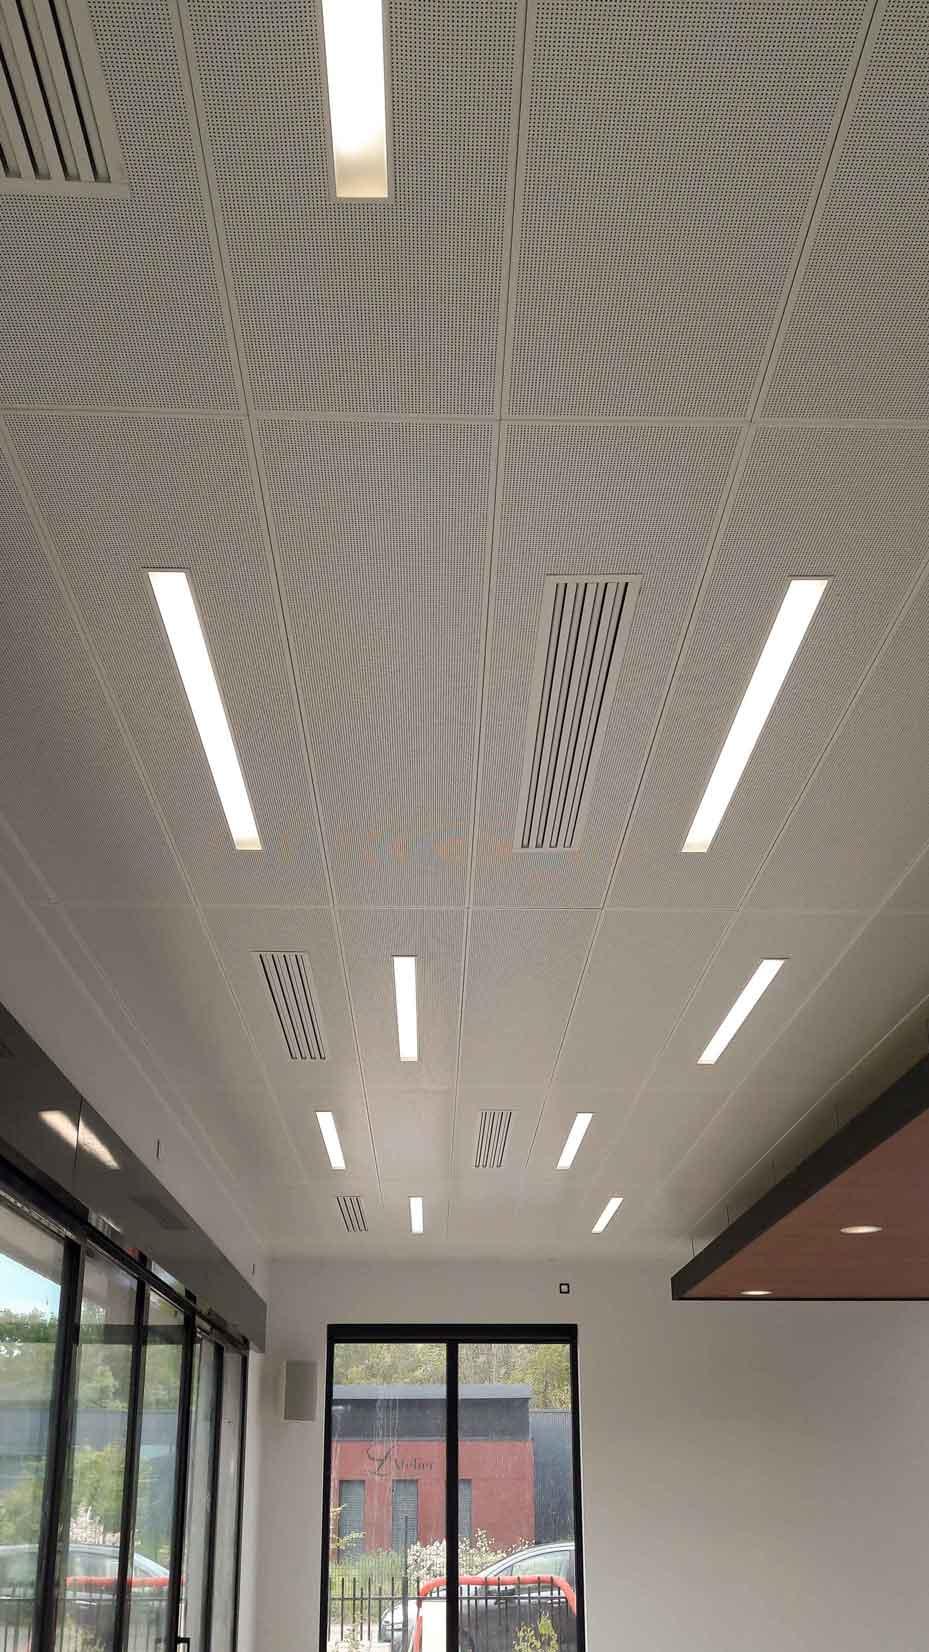 Maison Services Lemans Plafonds Suspendus Metalliques Clip In Insertion Luminiaire Ilot Flottant Bois